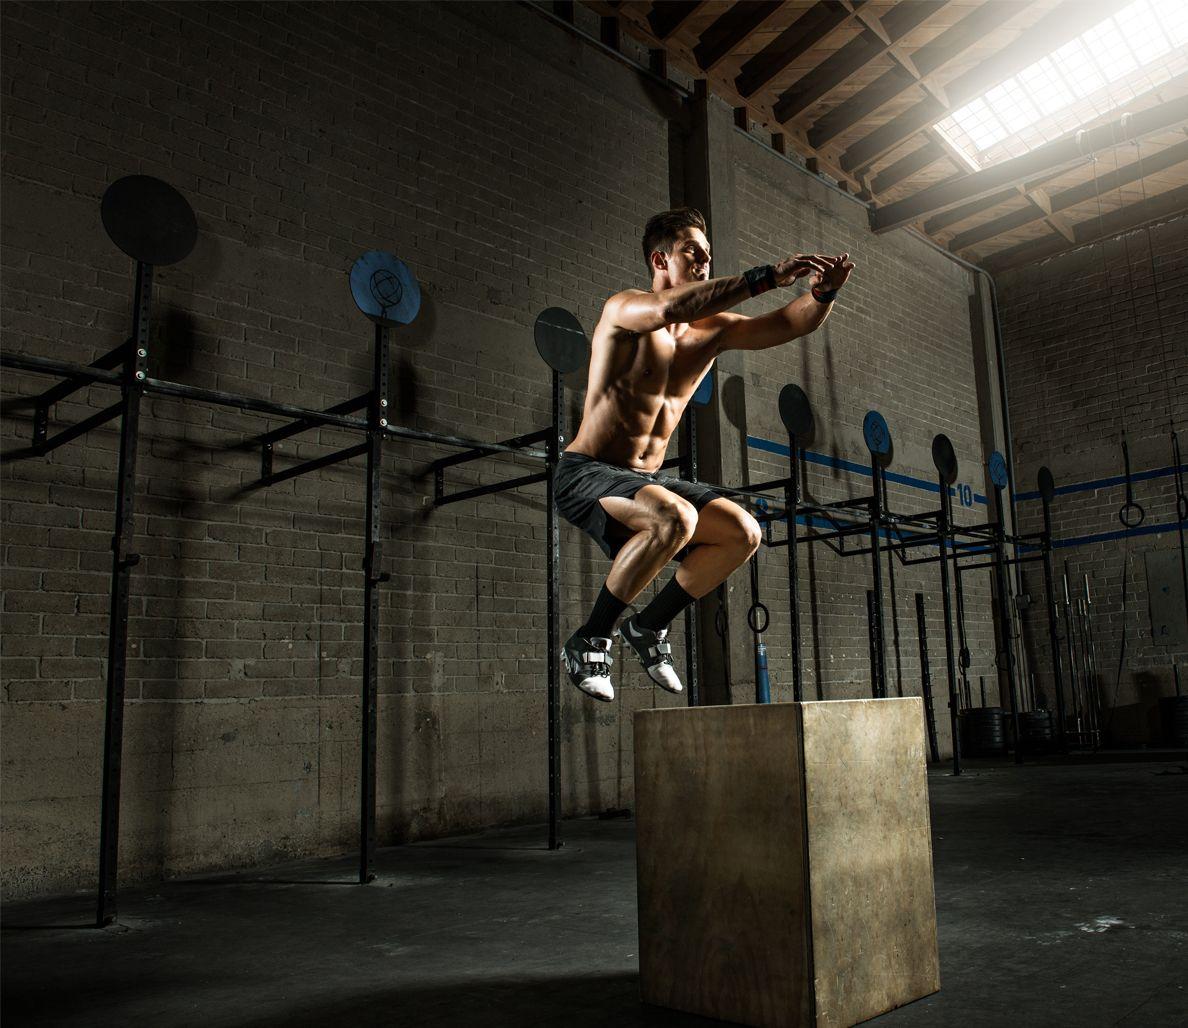 Erhöhung des Testosteronspiegels um 100% durch HIIT-Training